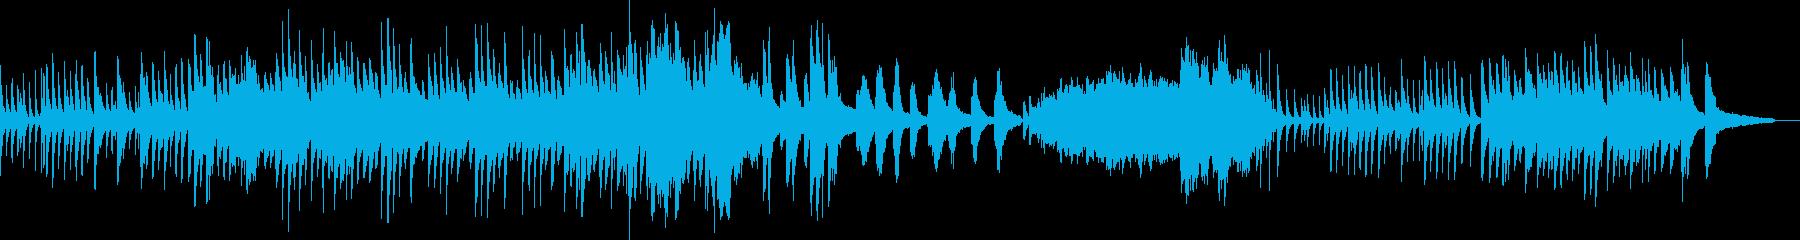 秋の夜空をイメージ・ピアノソロの再生済みの波形